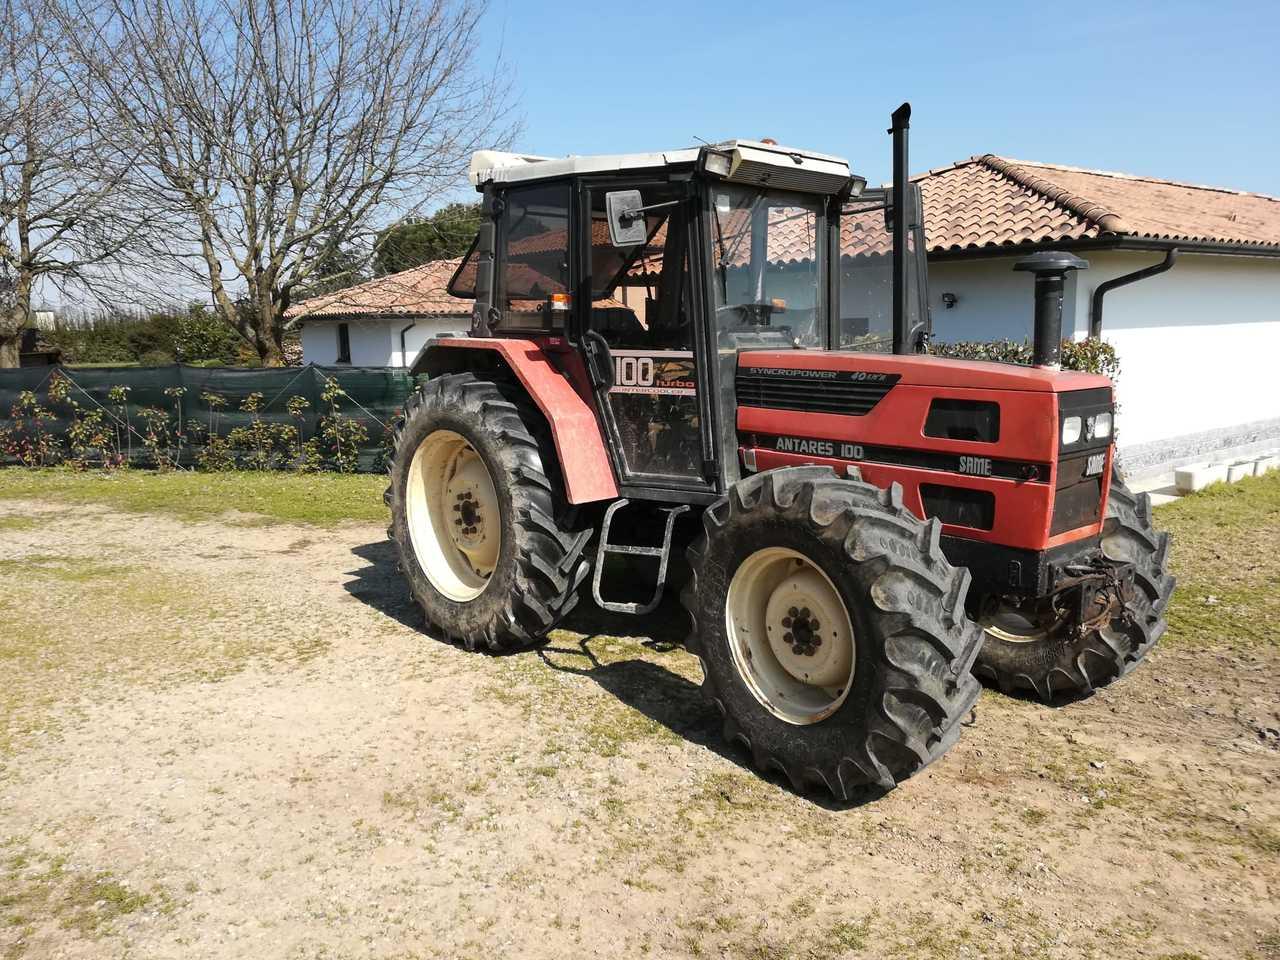 [SAME] trattore Antares 100 presso Samperone (PV)